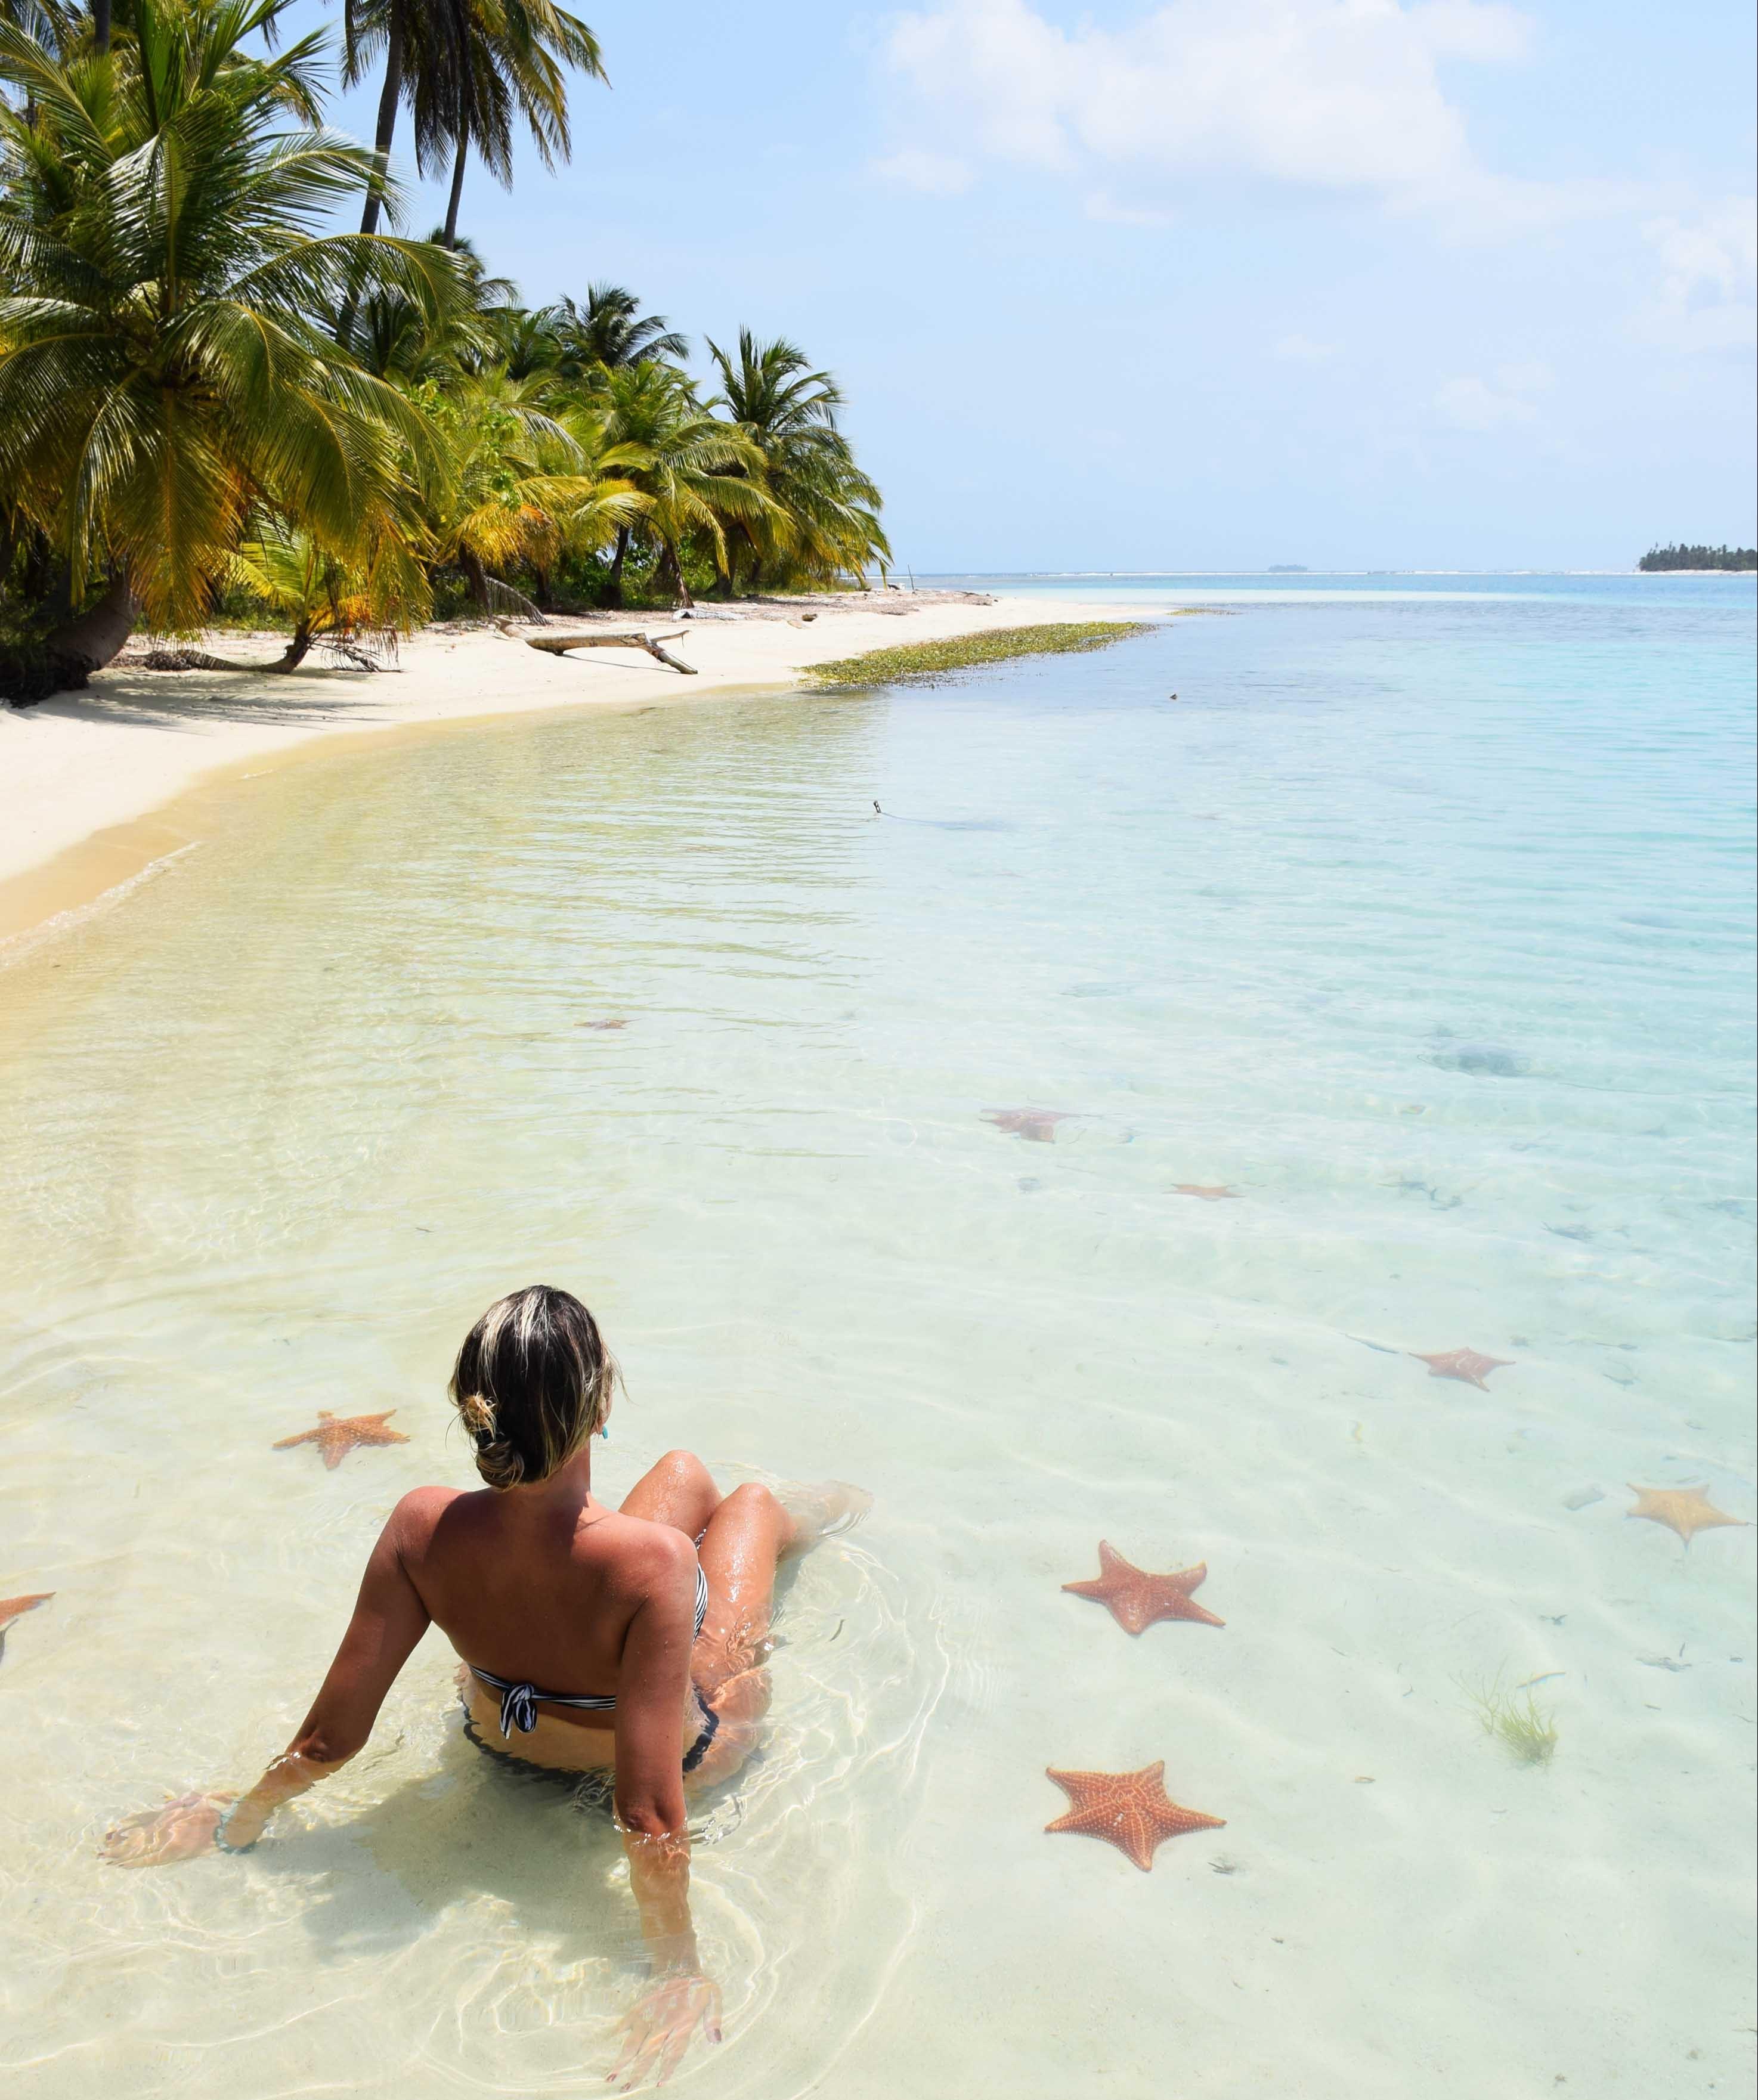 Muuuuitas estrelas do mar!!!